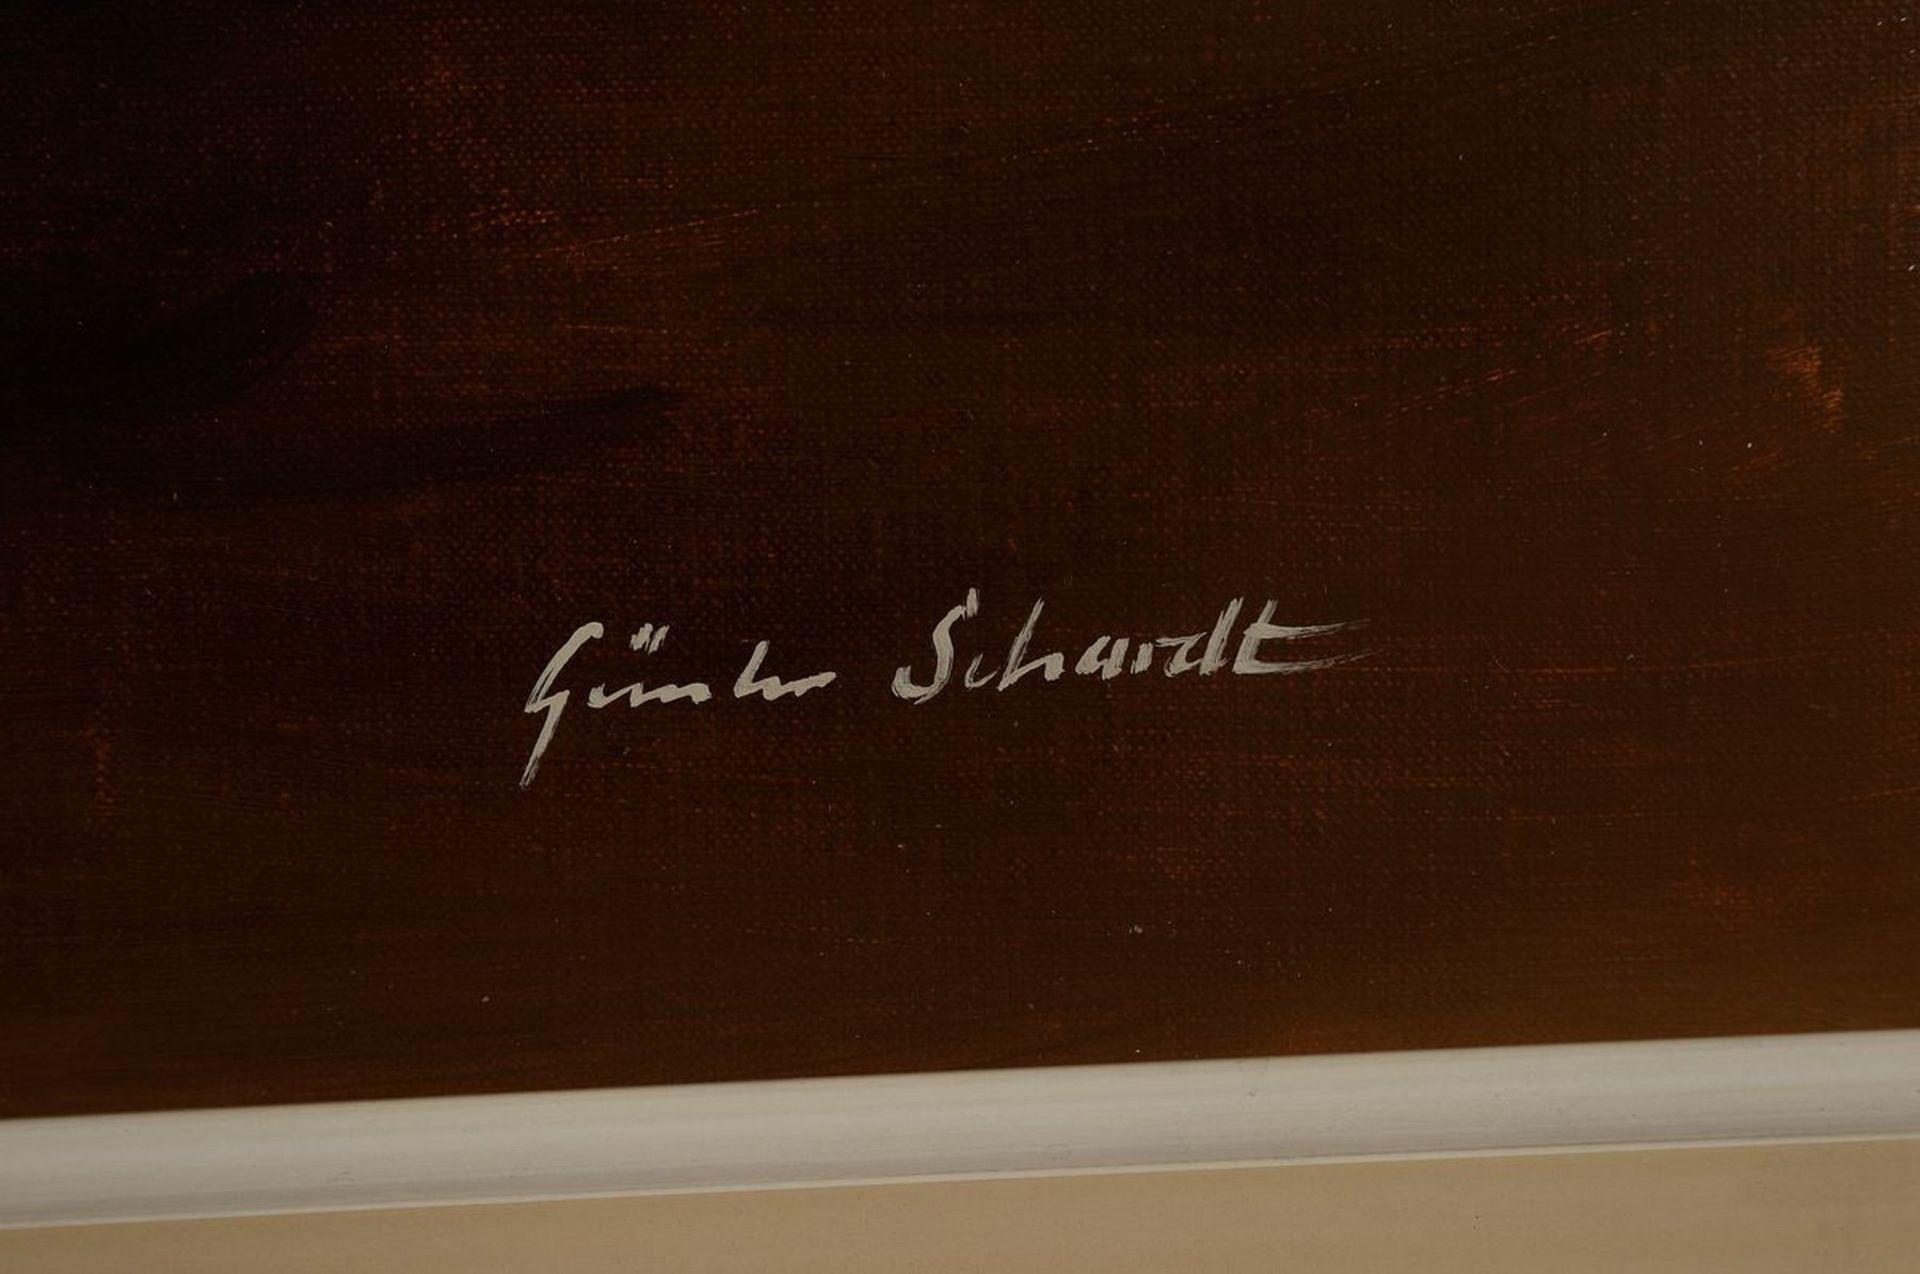 Günther Schardt, geb. 1934 Worpswede, Blumenstillleben, - Bild 2 aus 3